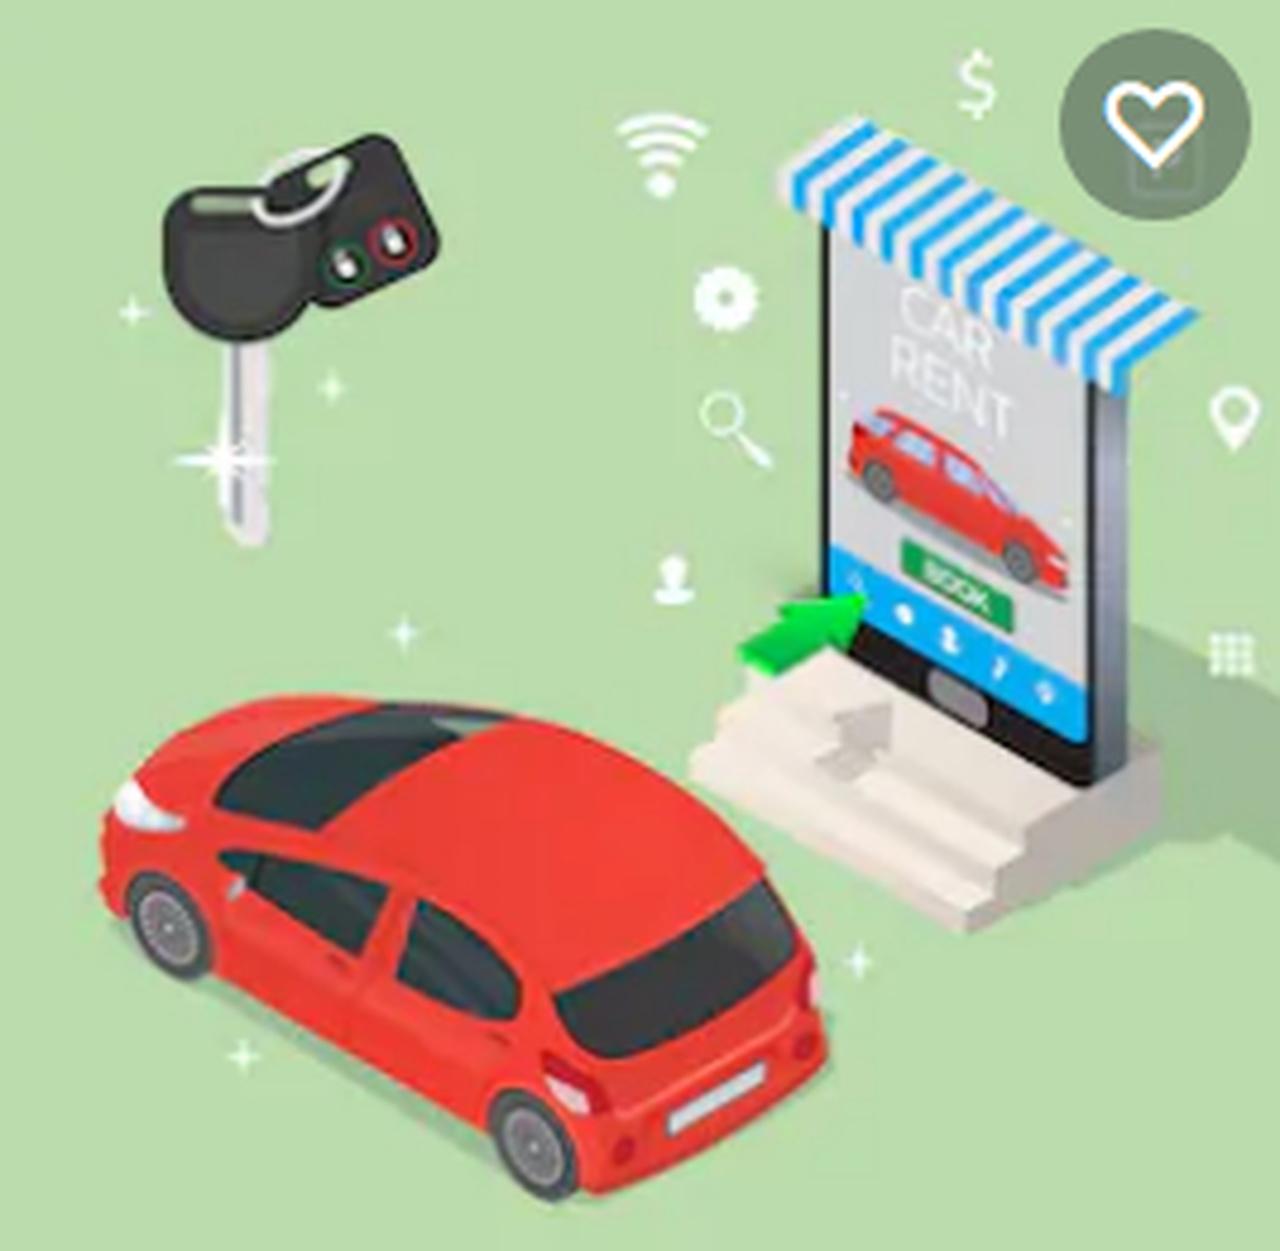 أرخص أسعار ايجار سيارات في مصر الأغلبية العظمى من الأشخاص يبحثون بشكل مستمر عن أماكن تقوم بتأجير سيارات بأسعار مناسبة، ولذلك تتناول محركات البحث العديد من الأسئلة عن وجود أرخص أسعار ايجار سيارات في مصر